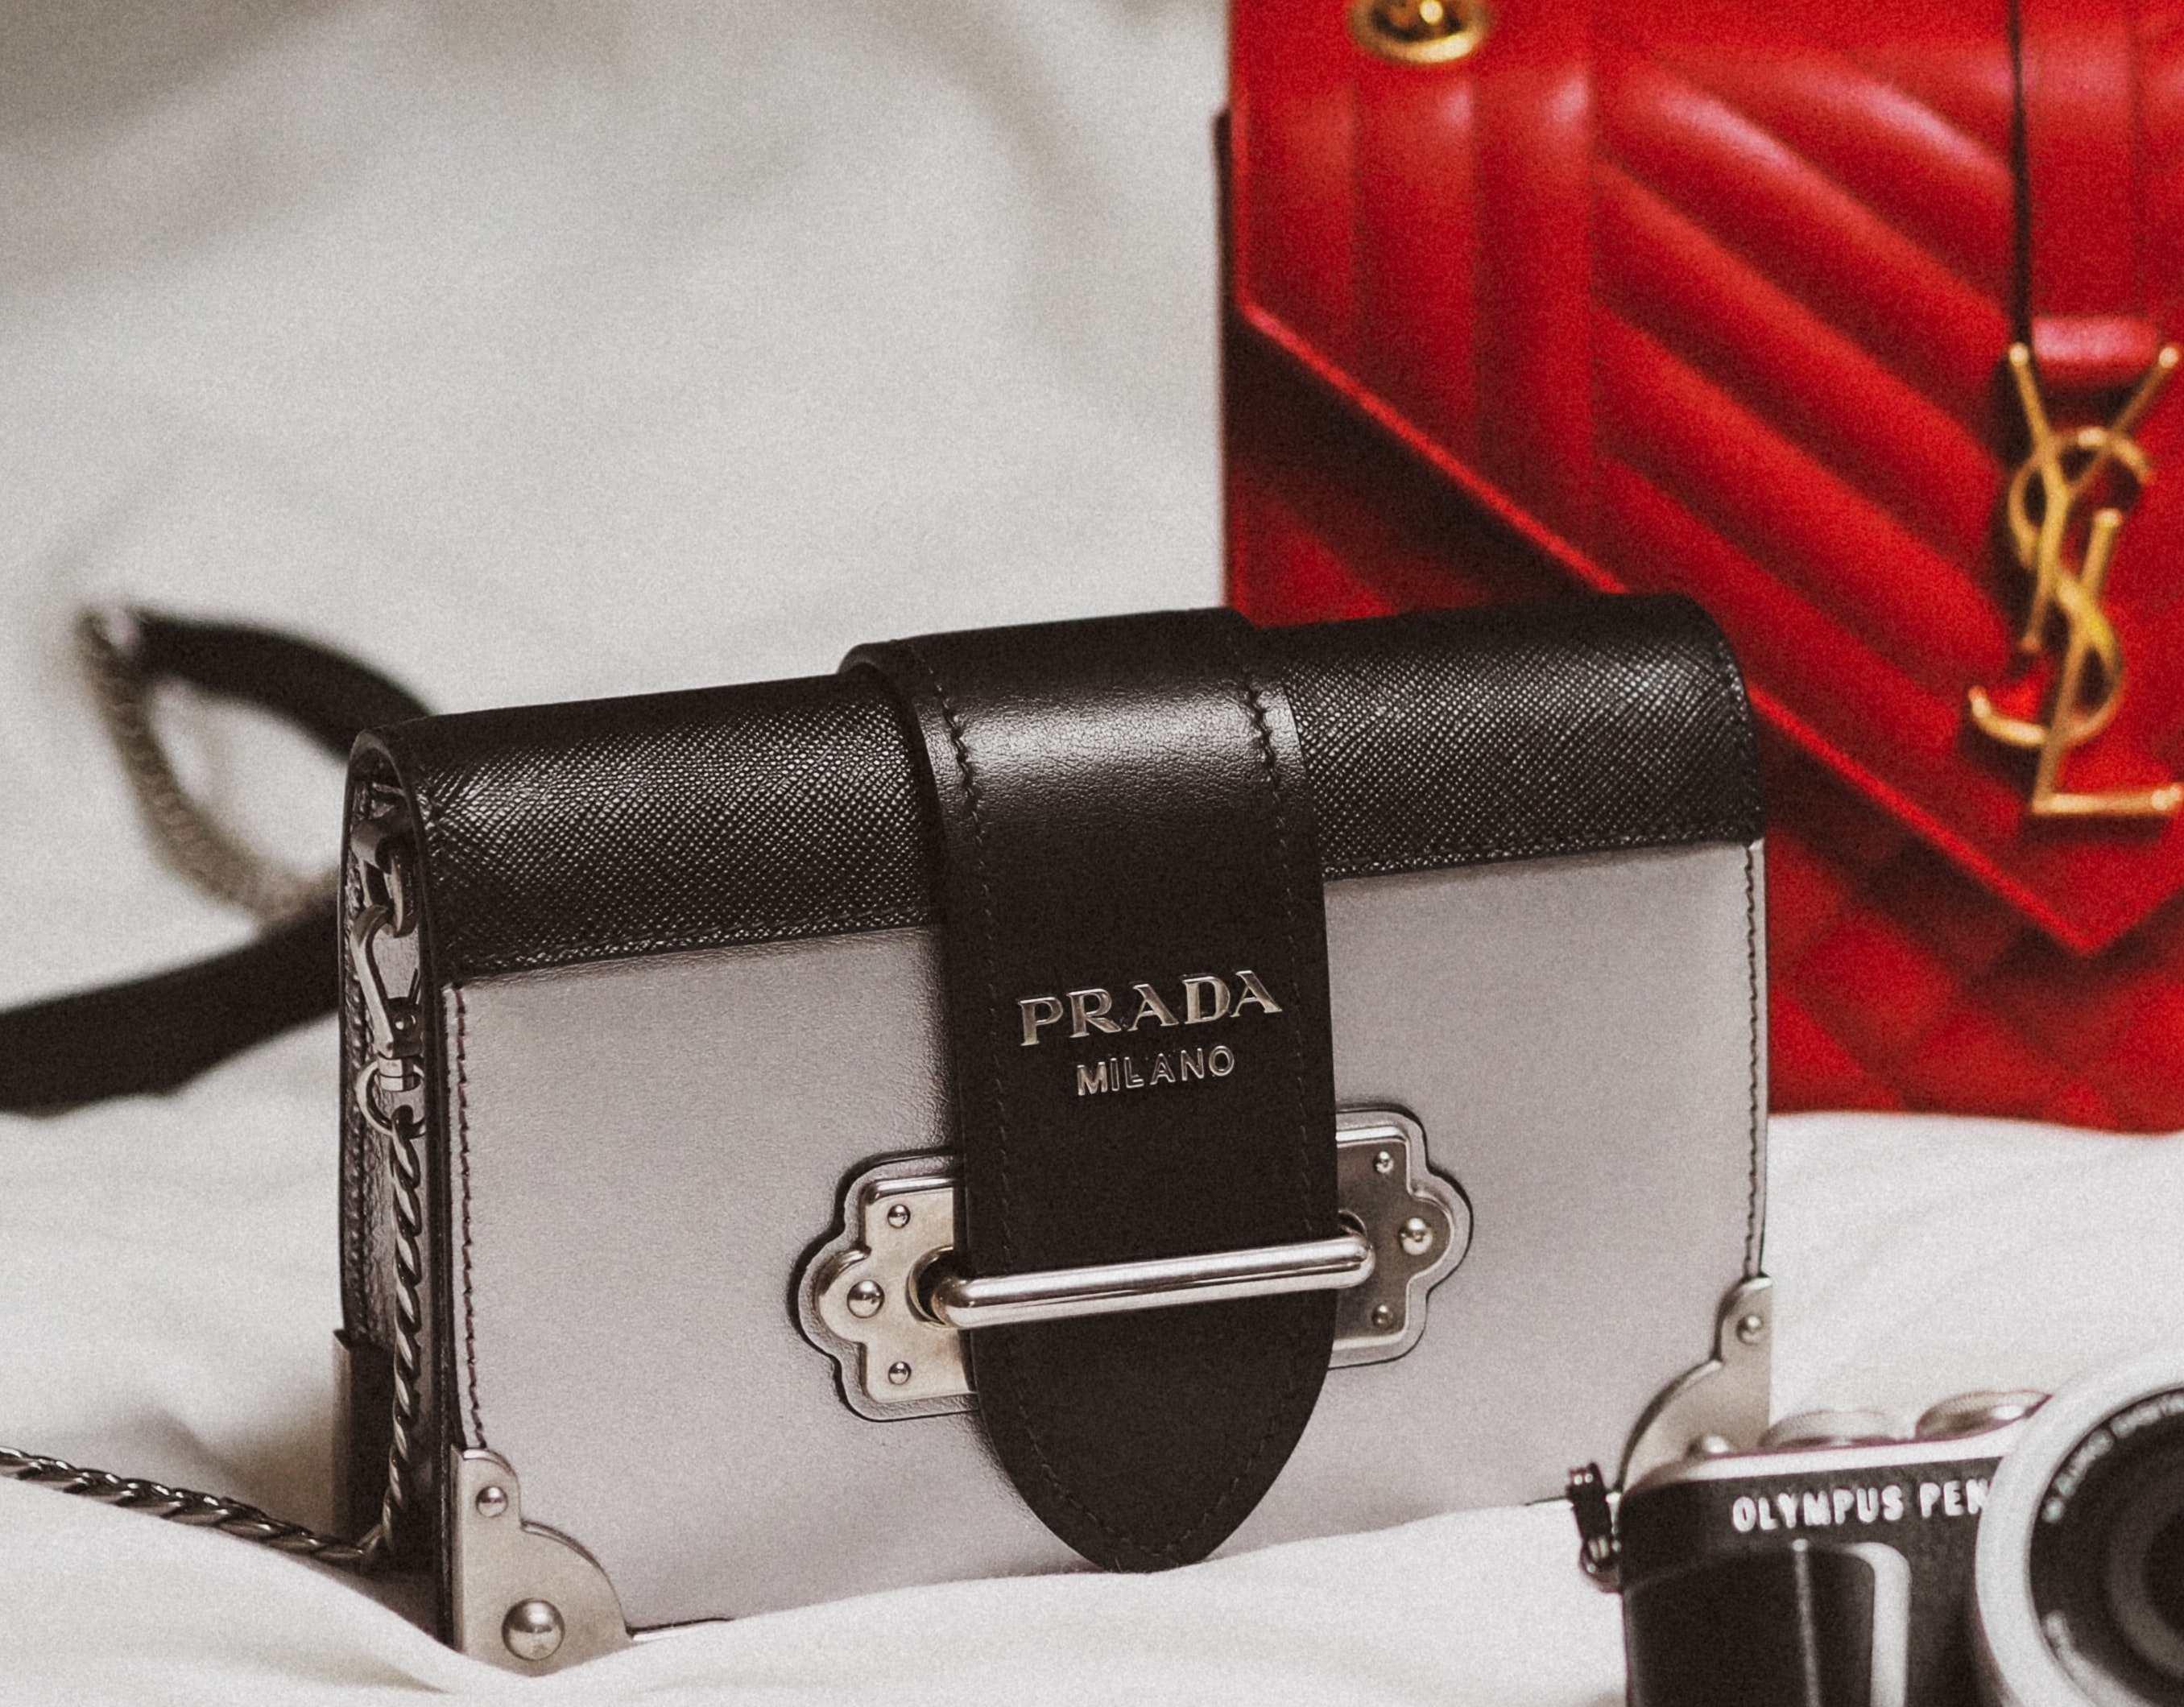 36氪独家 | 二手奢侈品平台「胖虎」完成5000万美元C轮融资,做重回收模型后想孵化时尚品牌